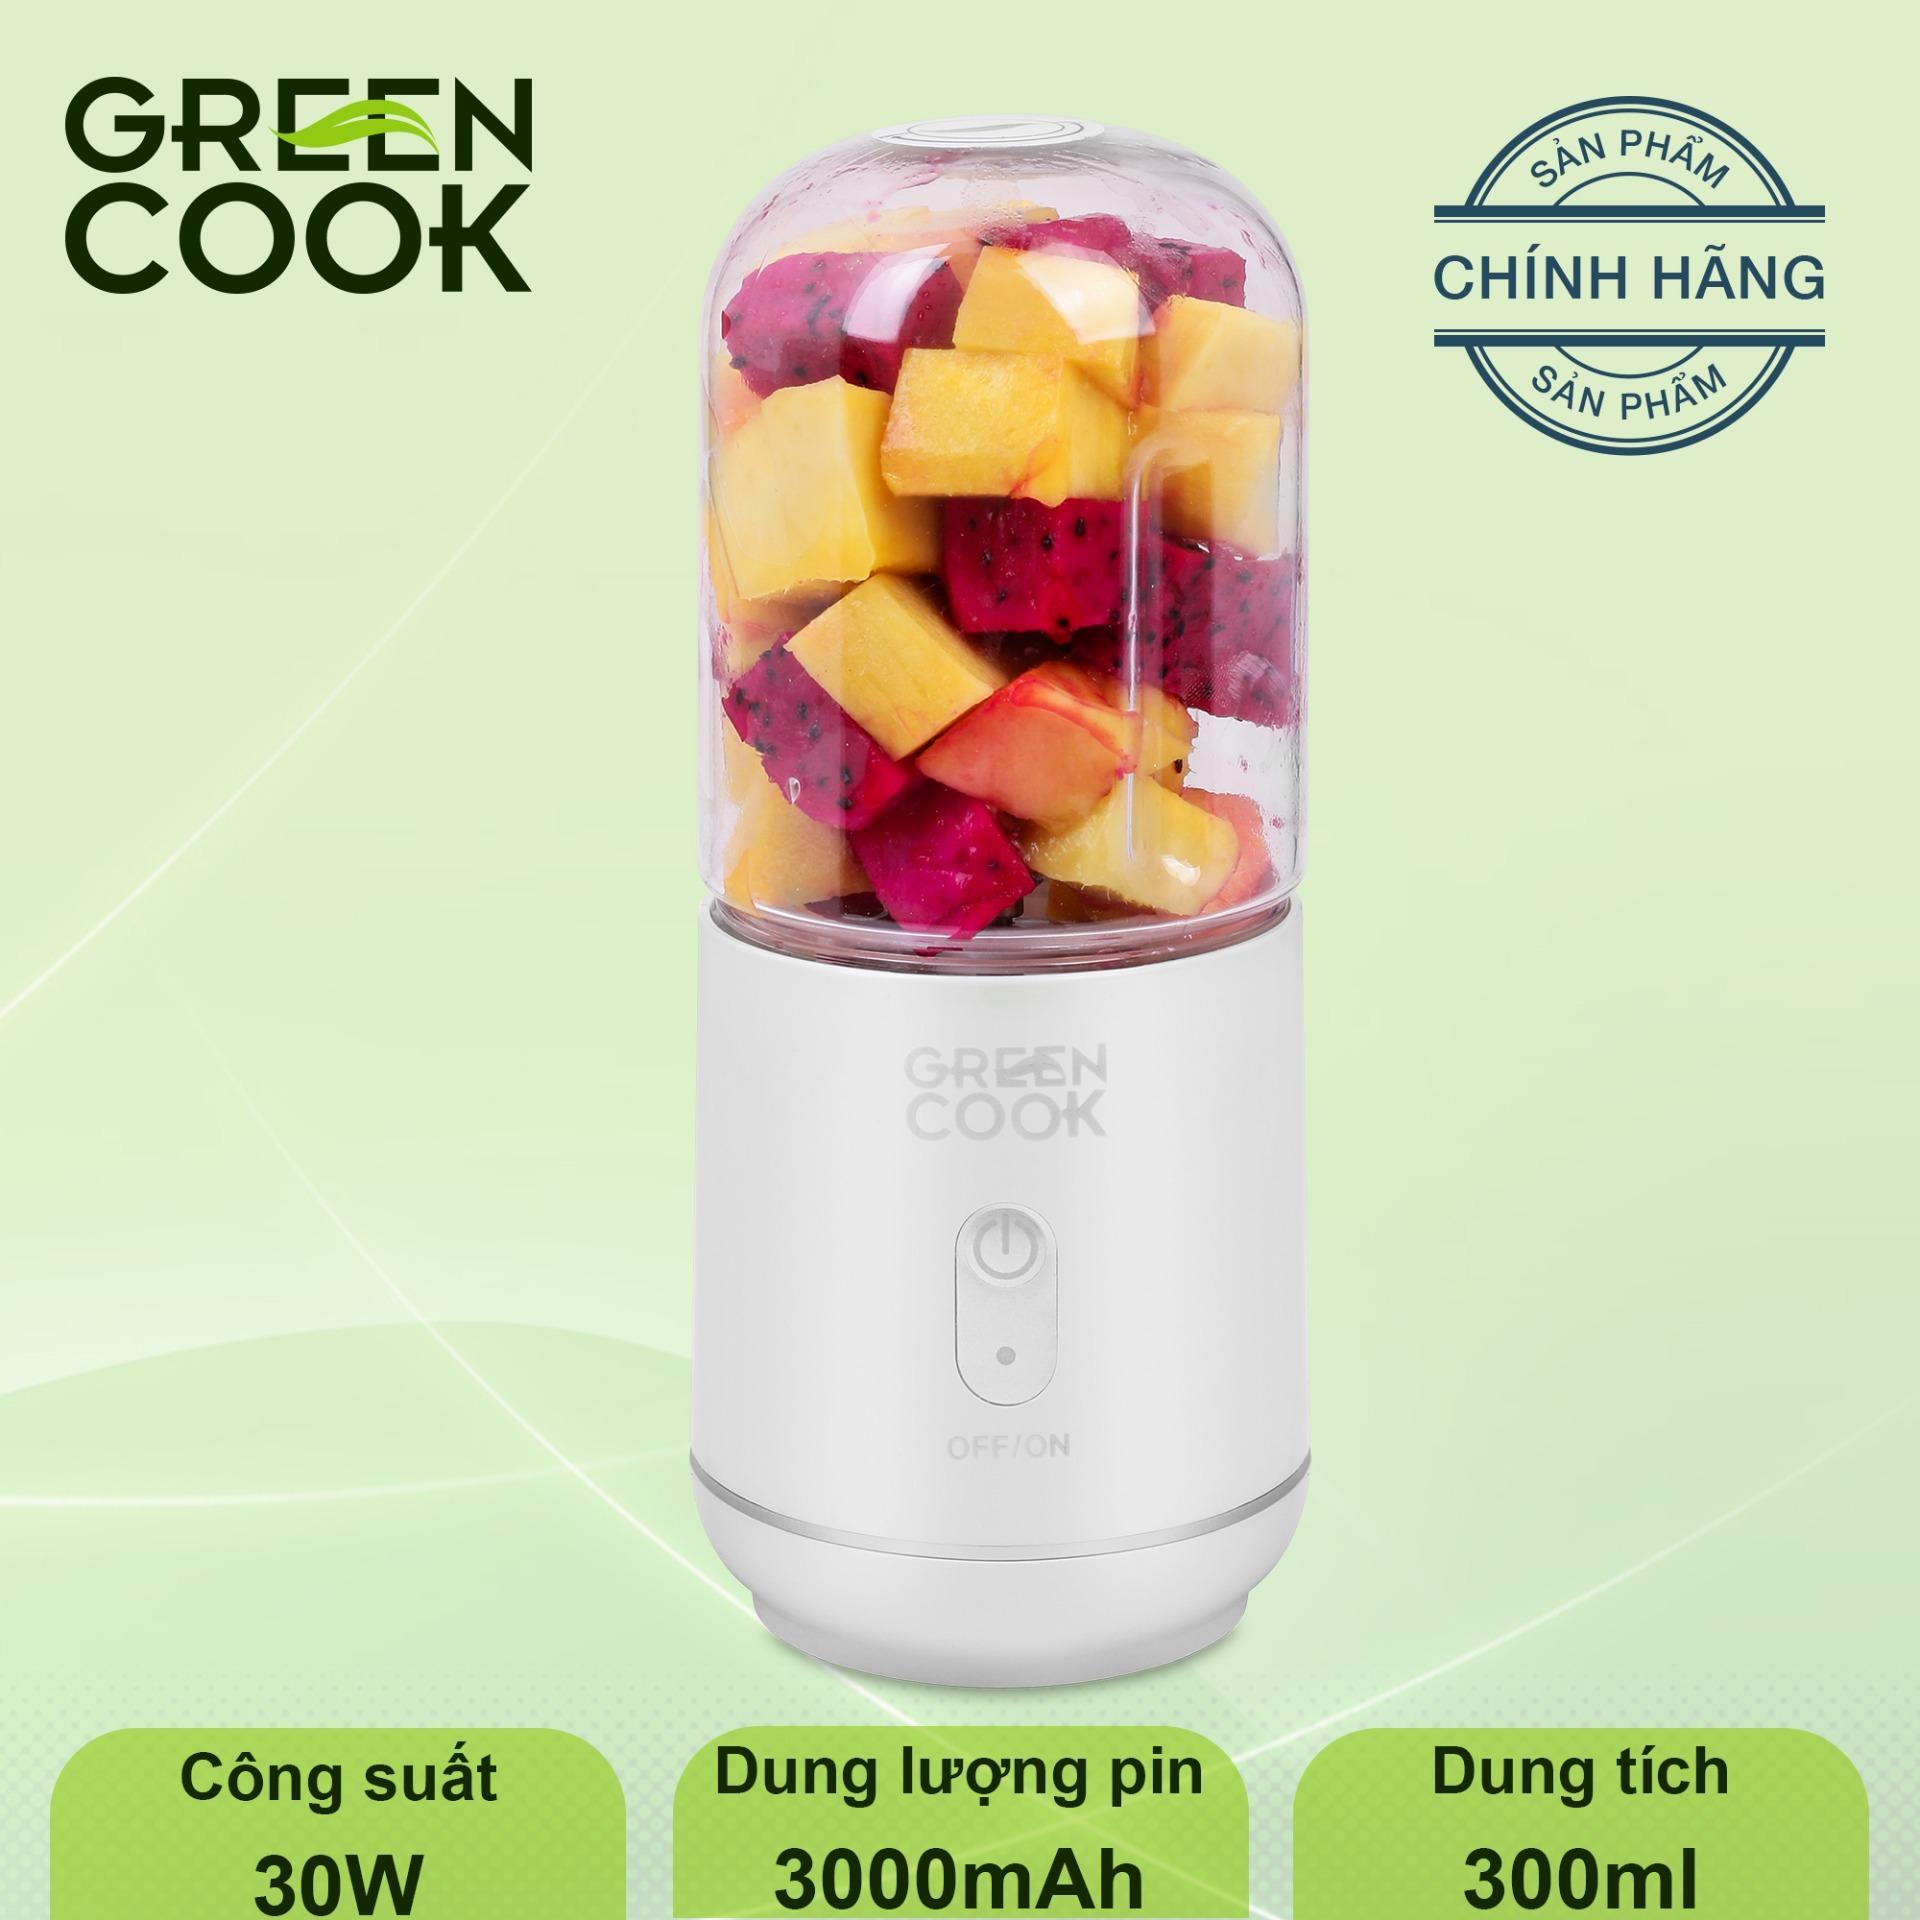 Máy xay sinh tố (xay được đá) cầm tay pin sạc Green Cook 300ml,Công suất 30W - Hàng chính hãng